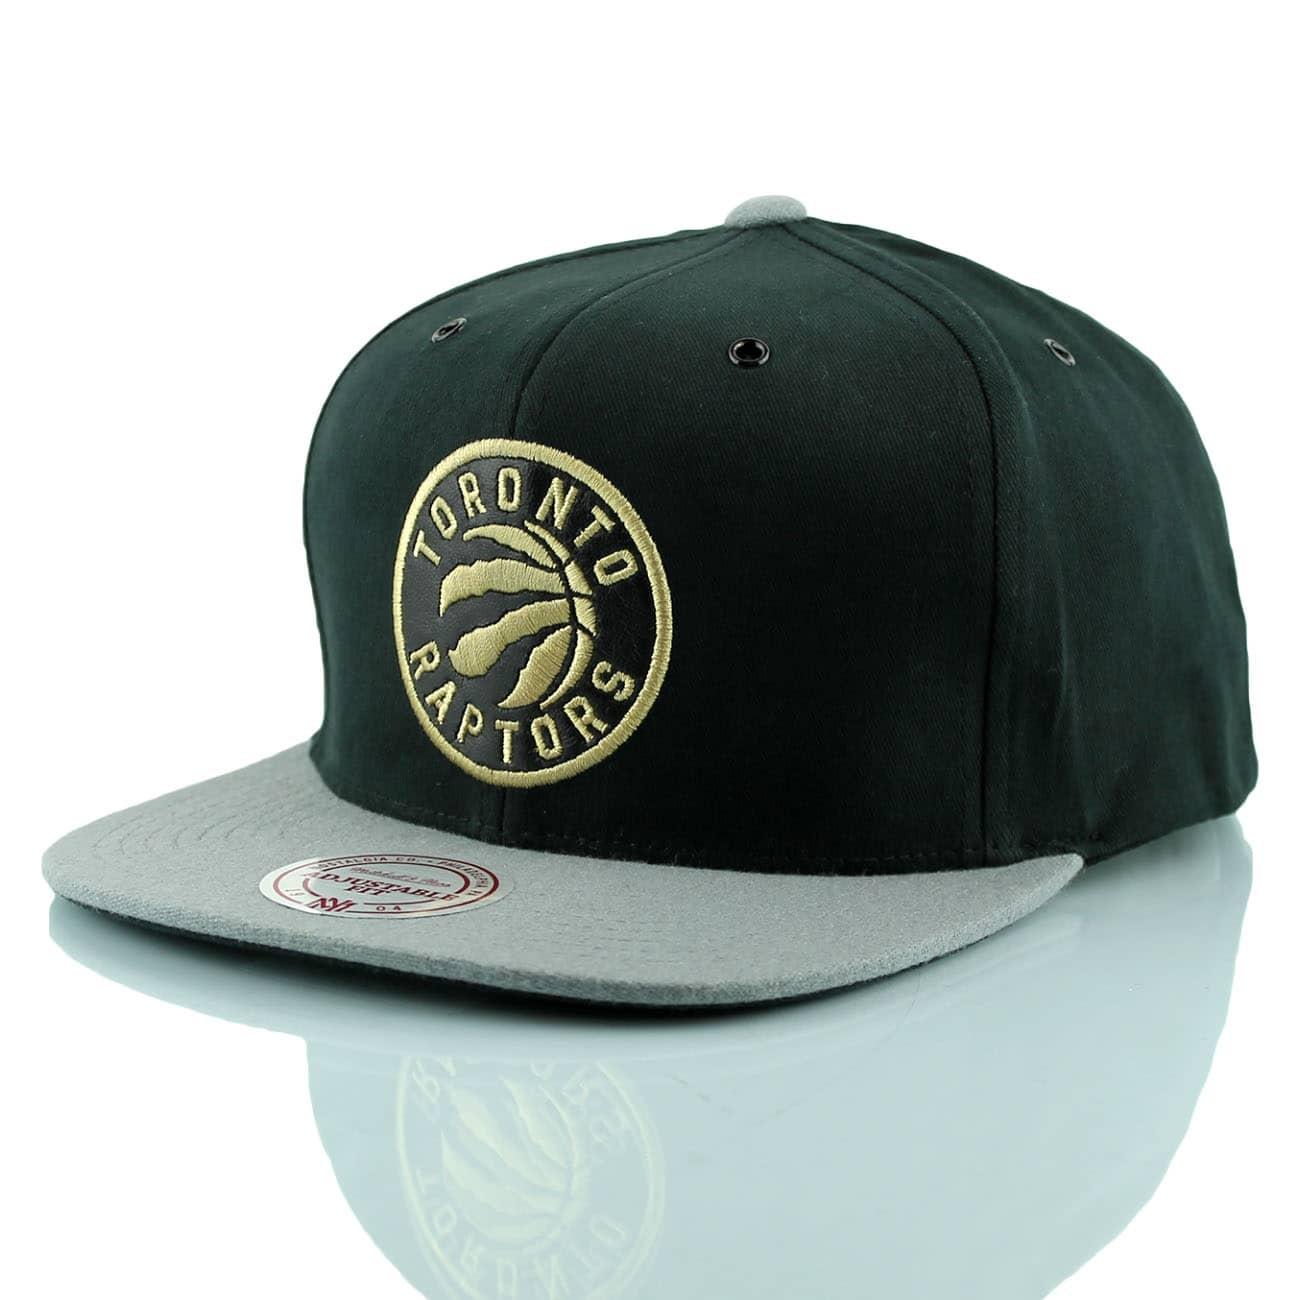 promo code 6c406 d336e Mitchell   Ness Toronto Raptors Terrain Snapback NBA Cap   TAASS.com Fanshop